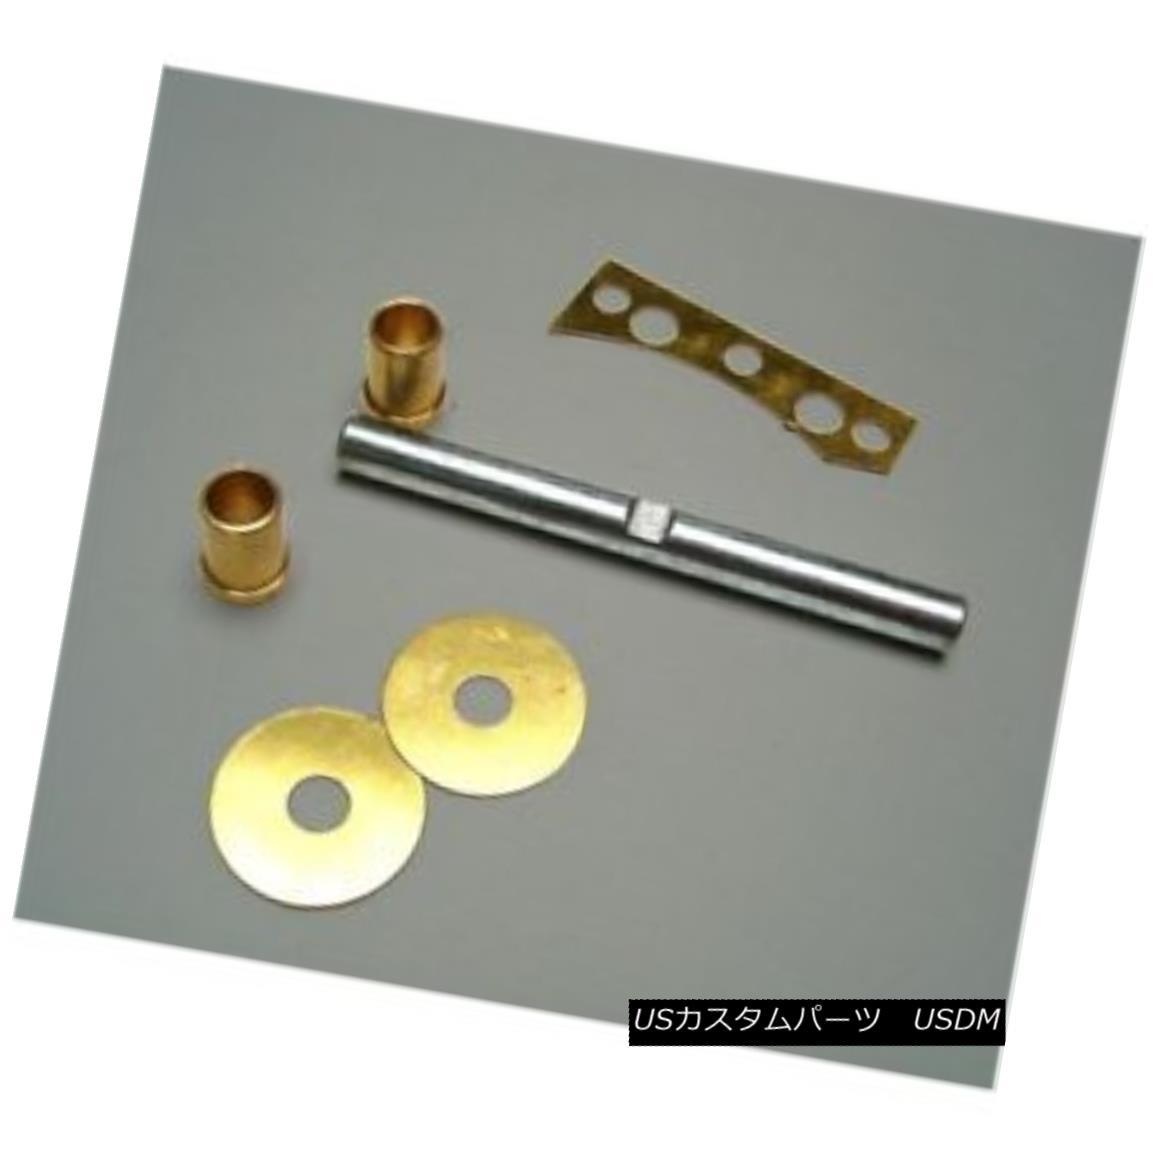 ガルウィングキット Autoloc UDSBT Lambo Vertical Door Bearing Rebuild Kit For SlimLine Kit Autoloc UDSBT Lamboスリムラインキット用垂直ドアベアリングリビルドキット